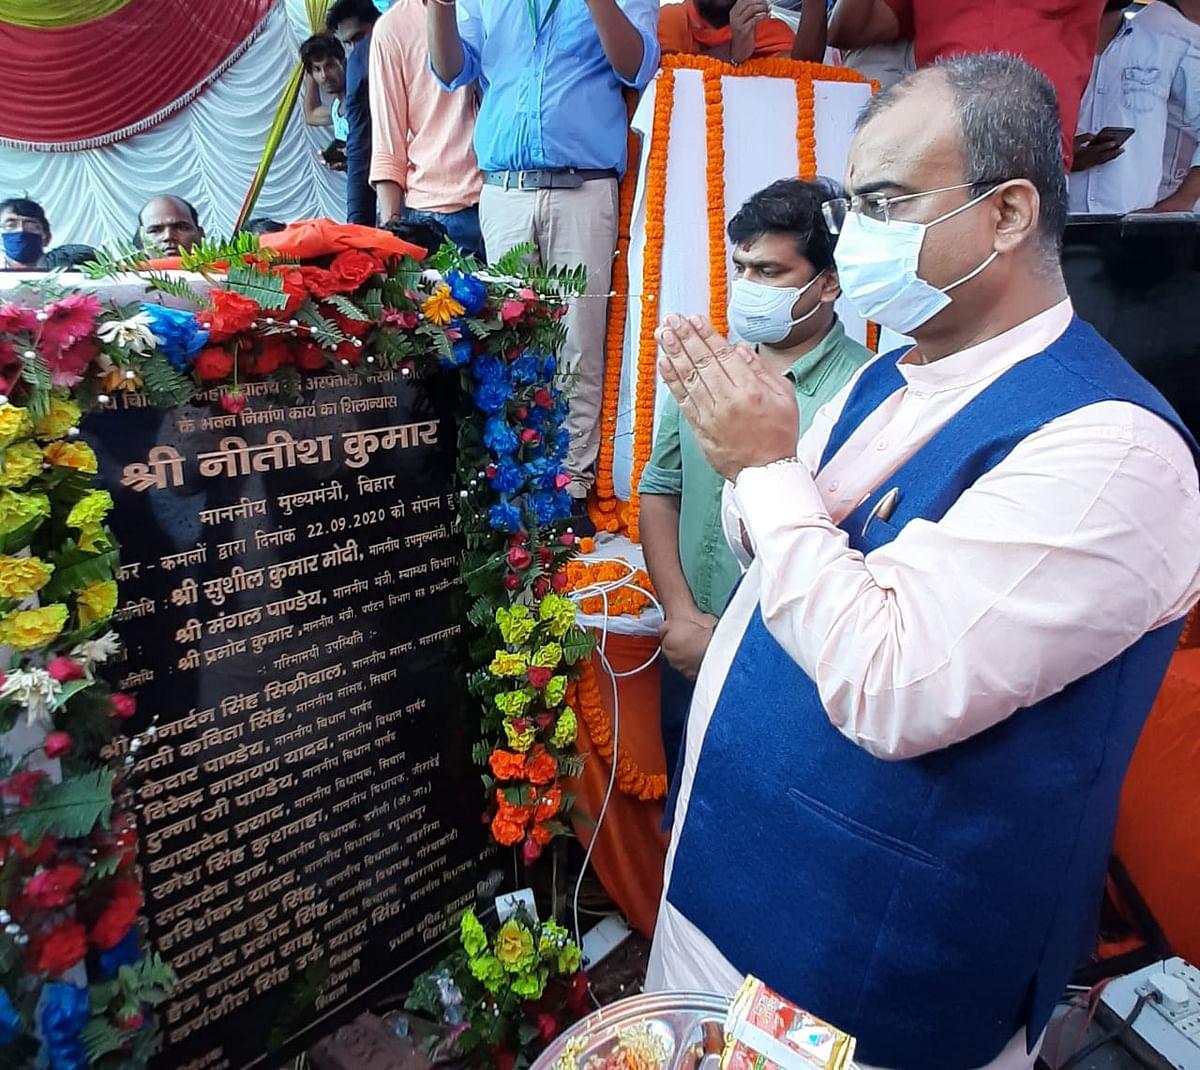 मैरवा में 25 एकड़ में बनेगा मेडिकल कॉलेज, सीएम ने किया शिलान्यास